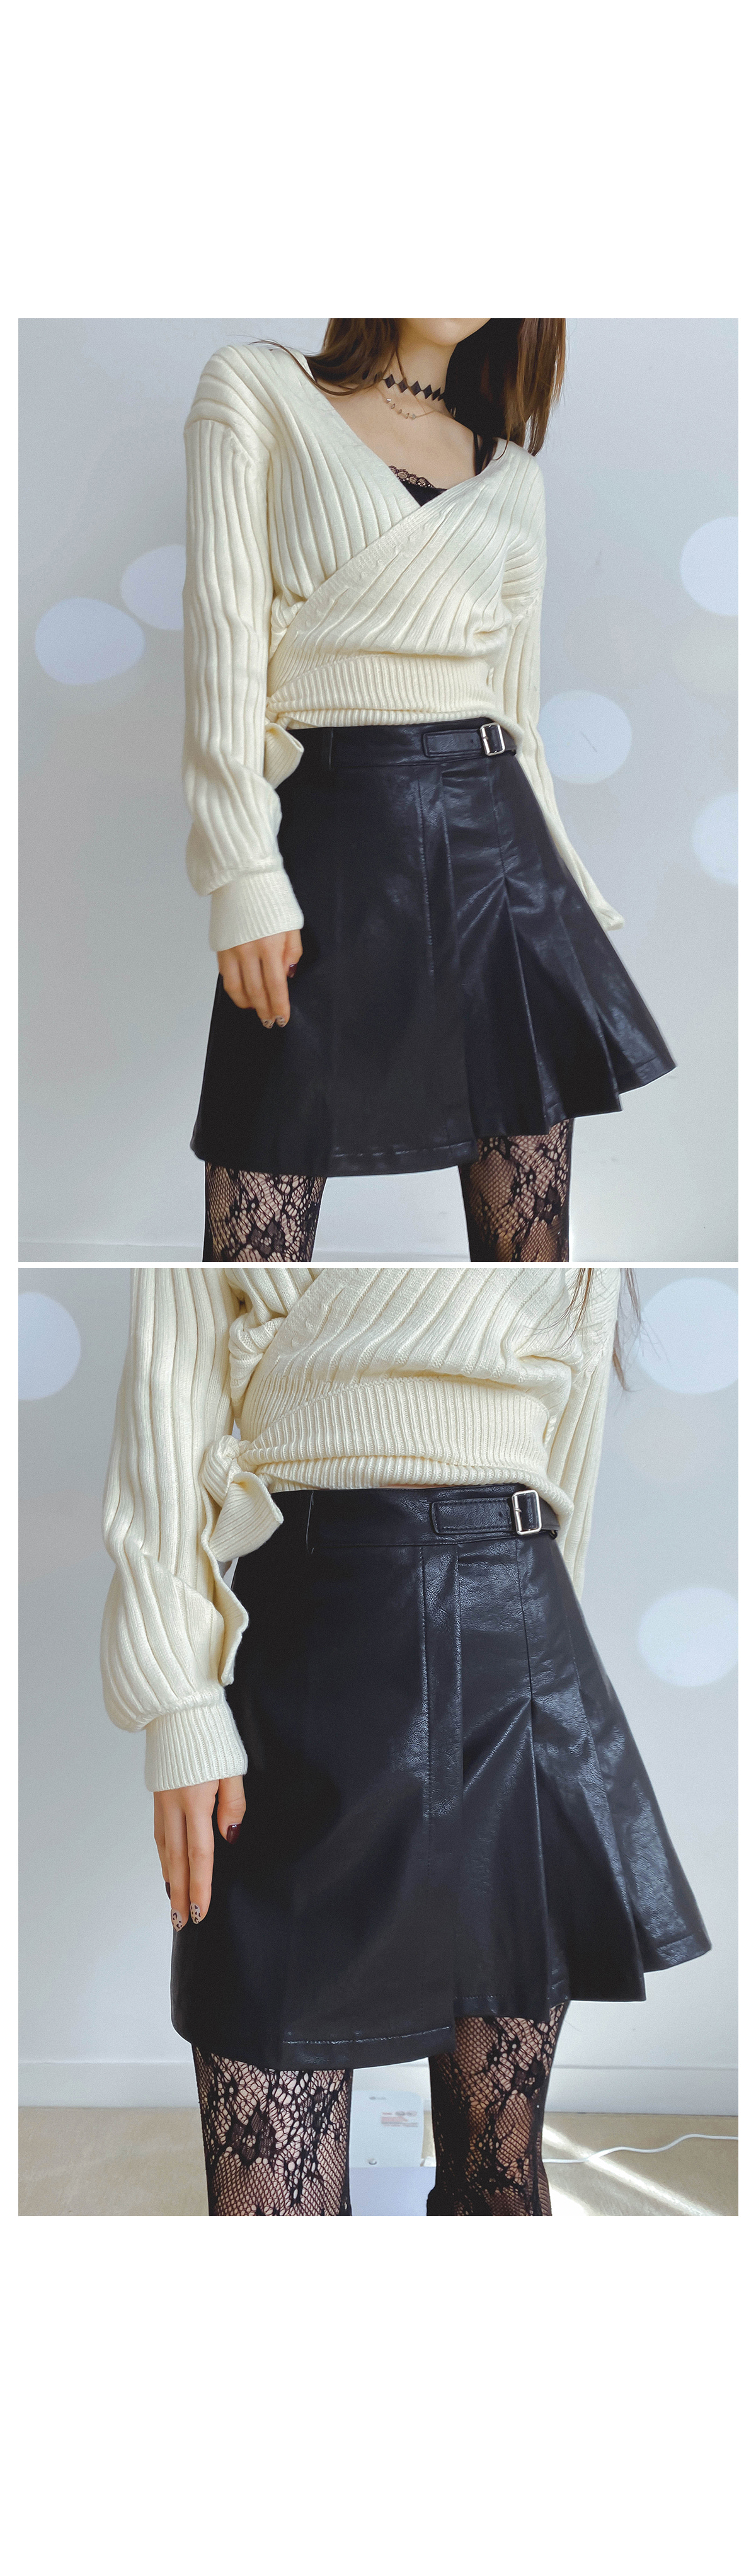 Pleated Leather Mini Skirt